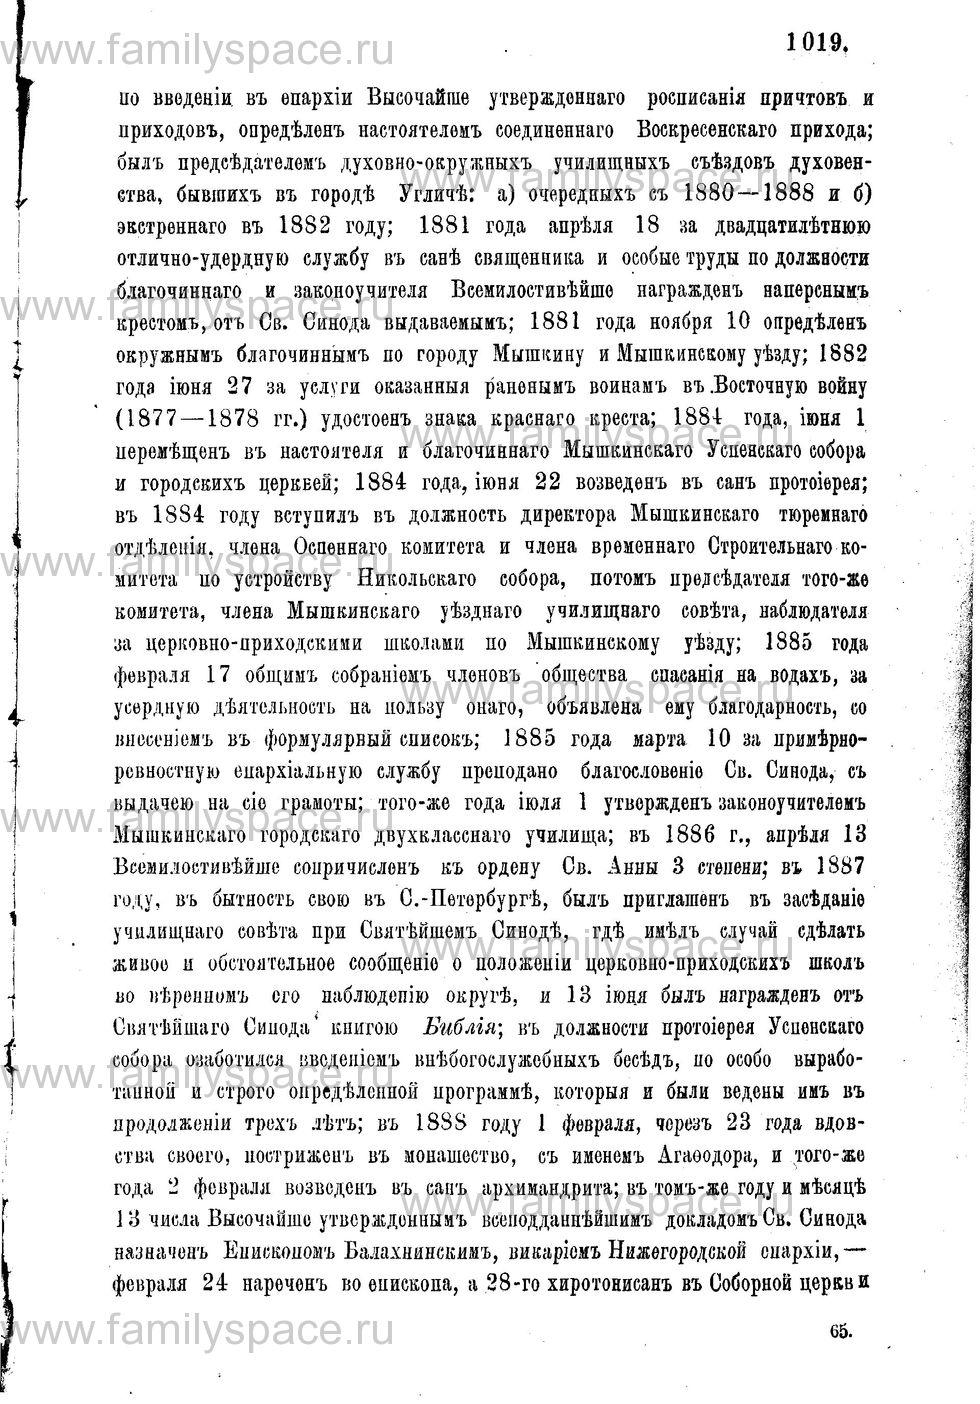 Поиск по фамилии - Адрес-календарь Нижегородской епархии на 1888 год, страница 2019